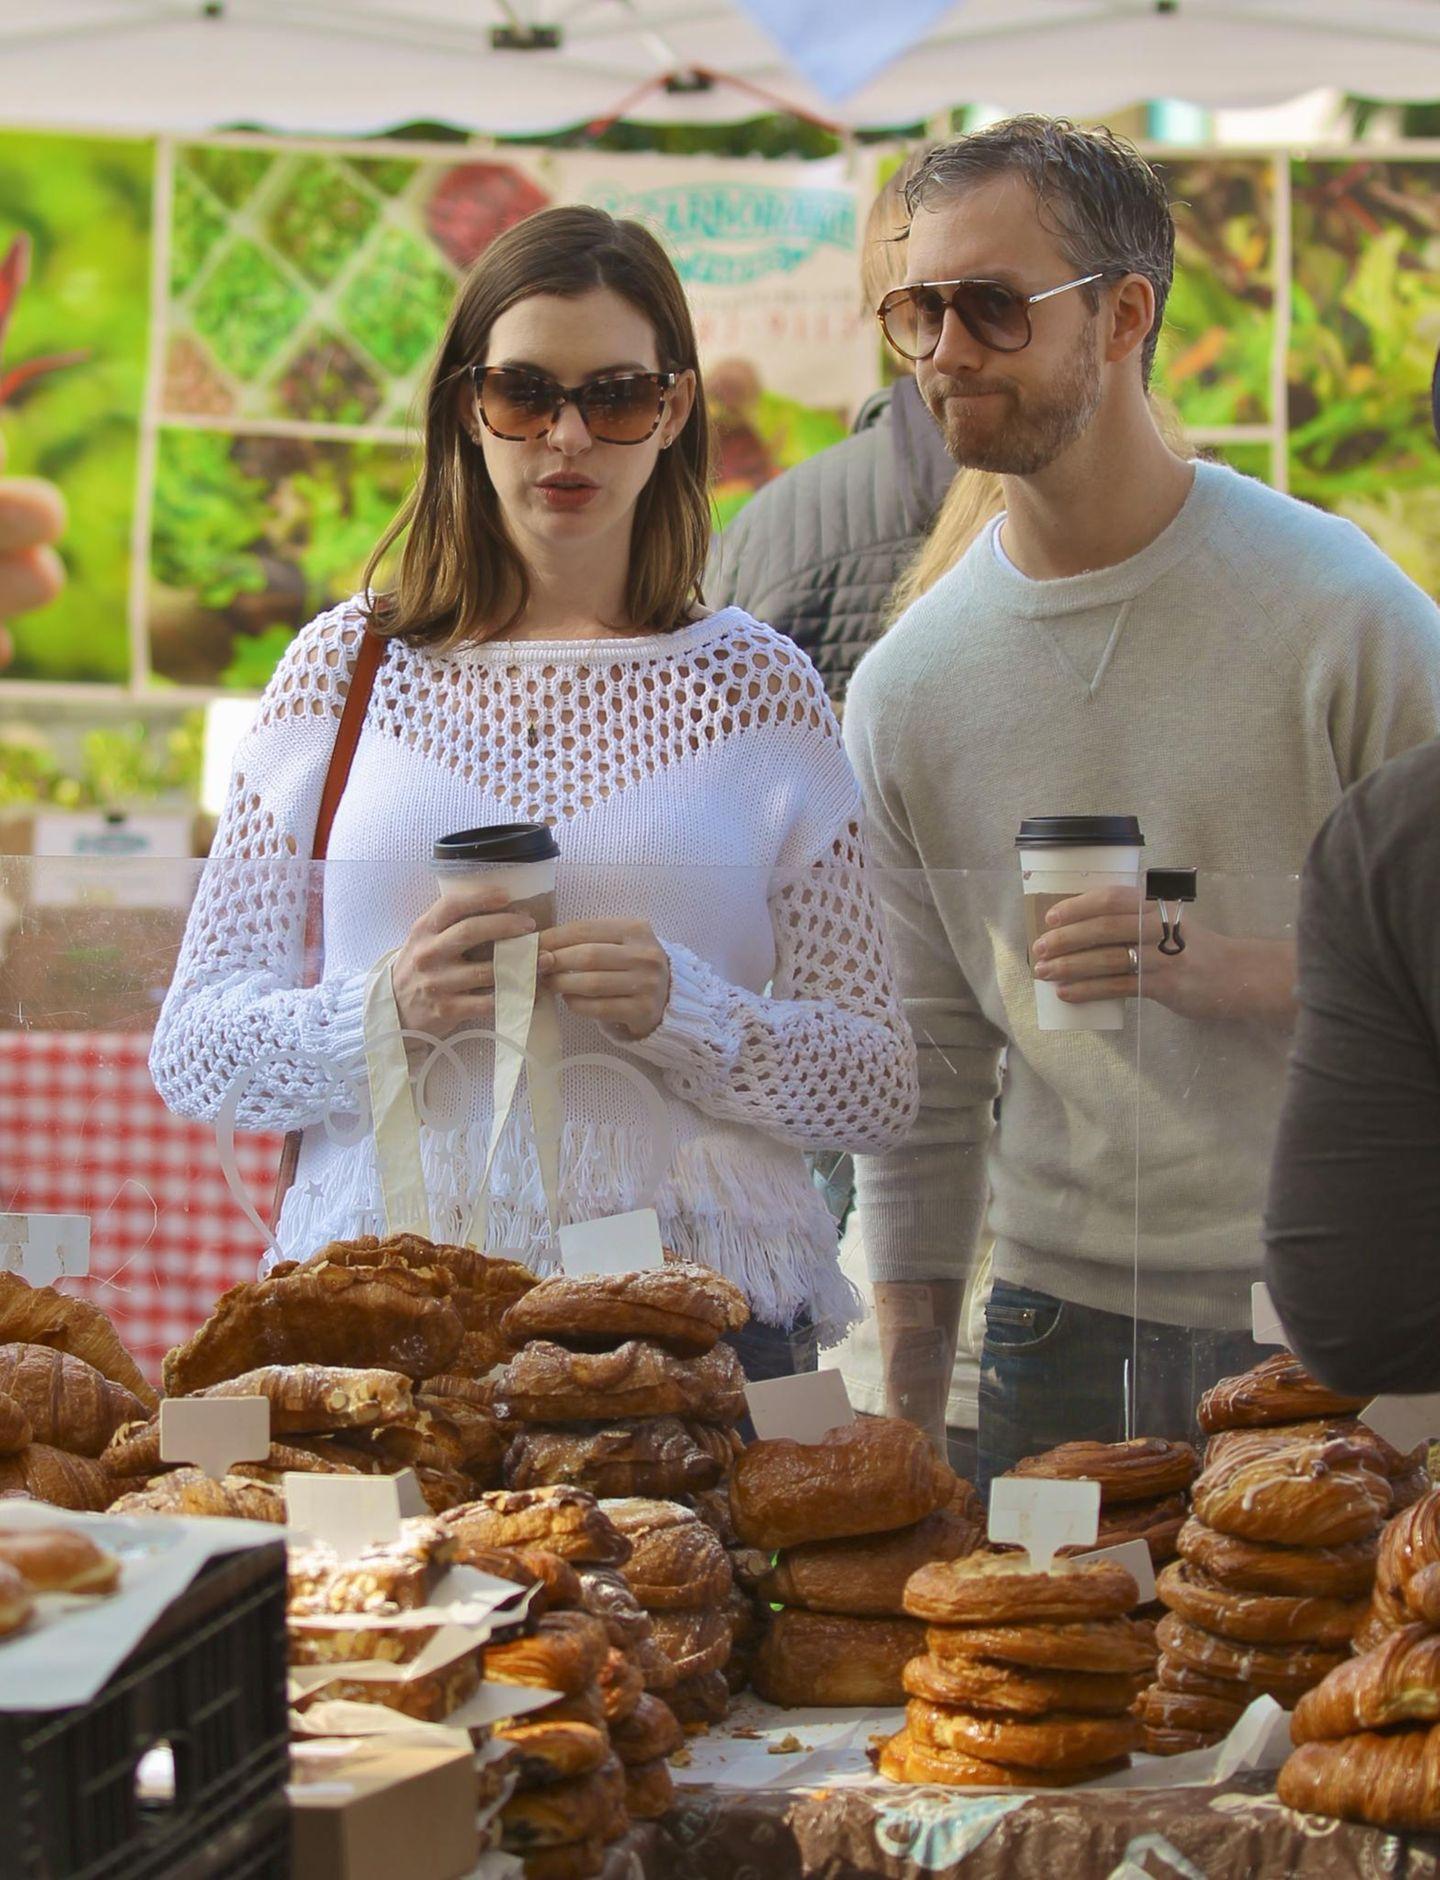 8. Mai 2016: Den Muttertag verbringt Anne Hathaway mit ihrem Mann Adam Shulman auf dem Markt. Den Kaffeestand haben sie bereits entdeckt, gleich gibt es Kuchen dazu.